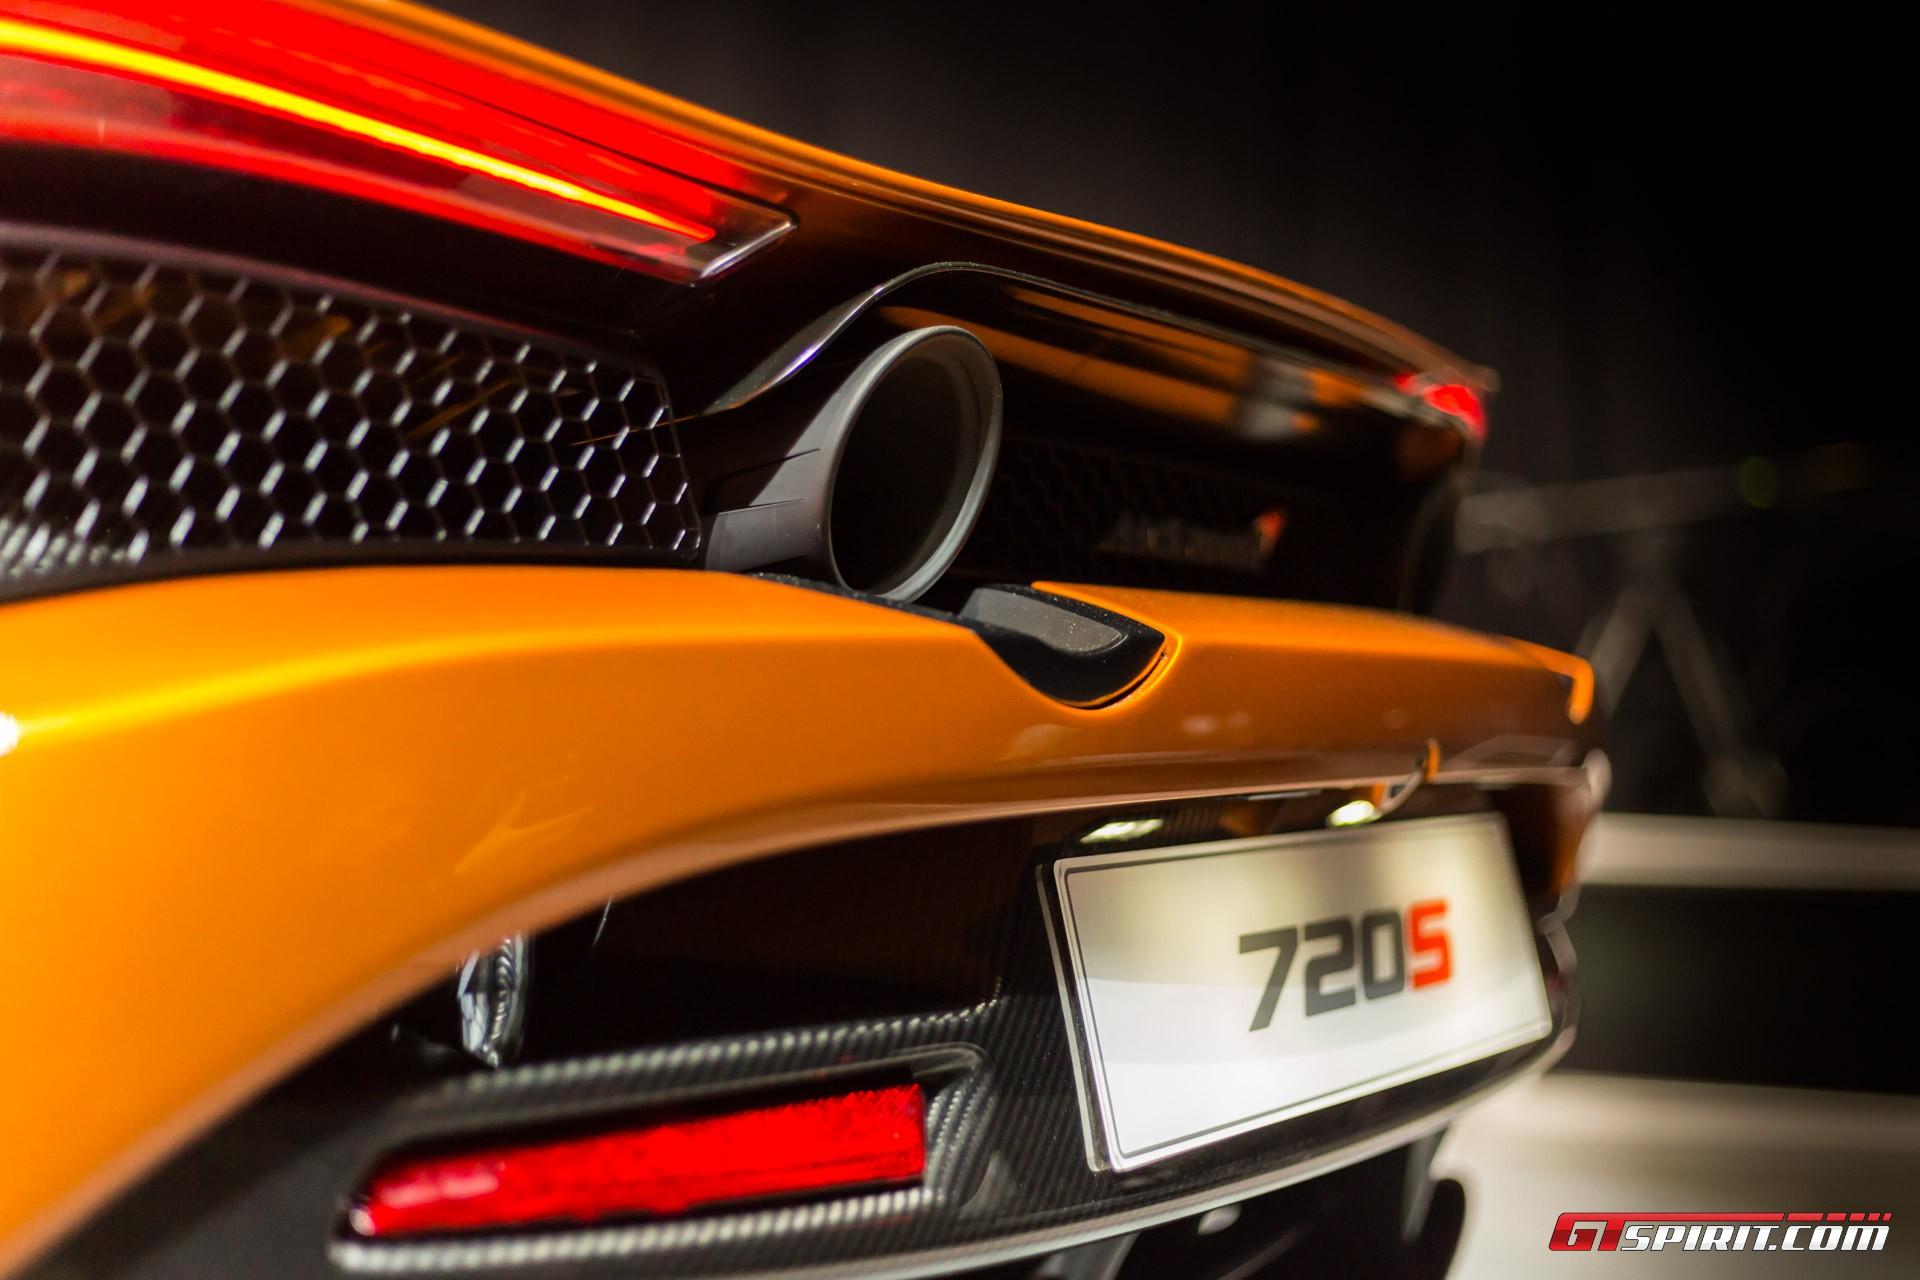 McLaren 720 S Rear